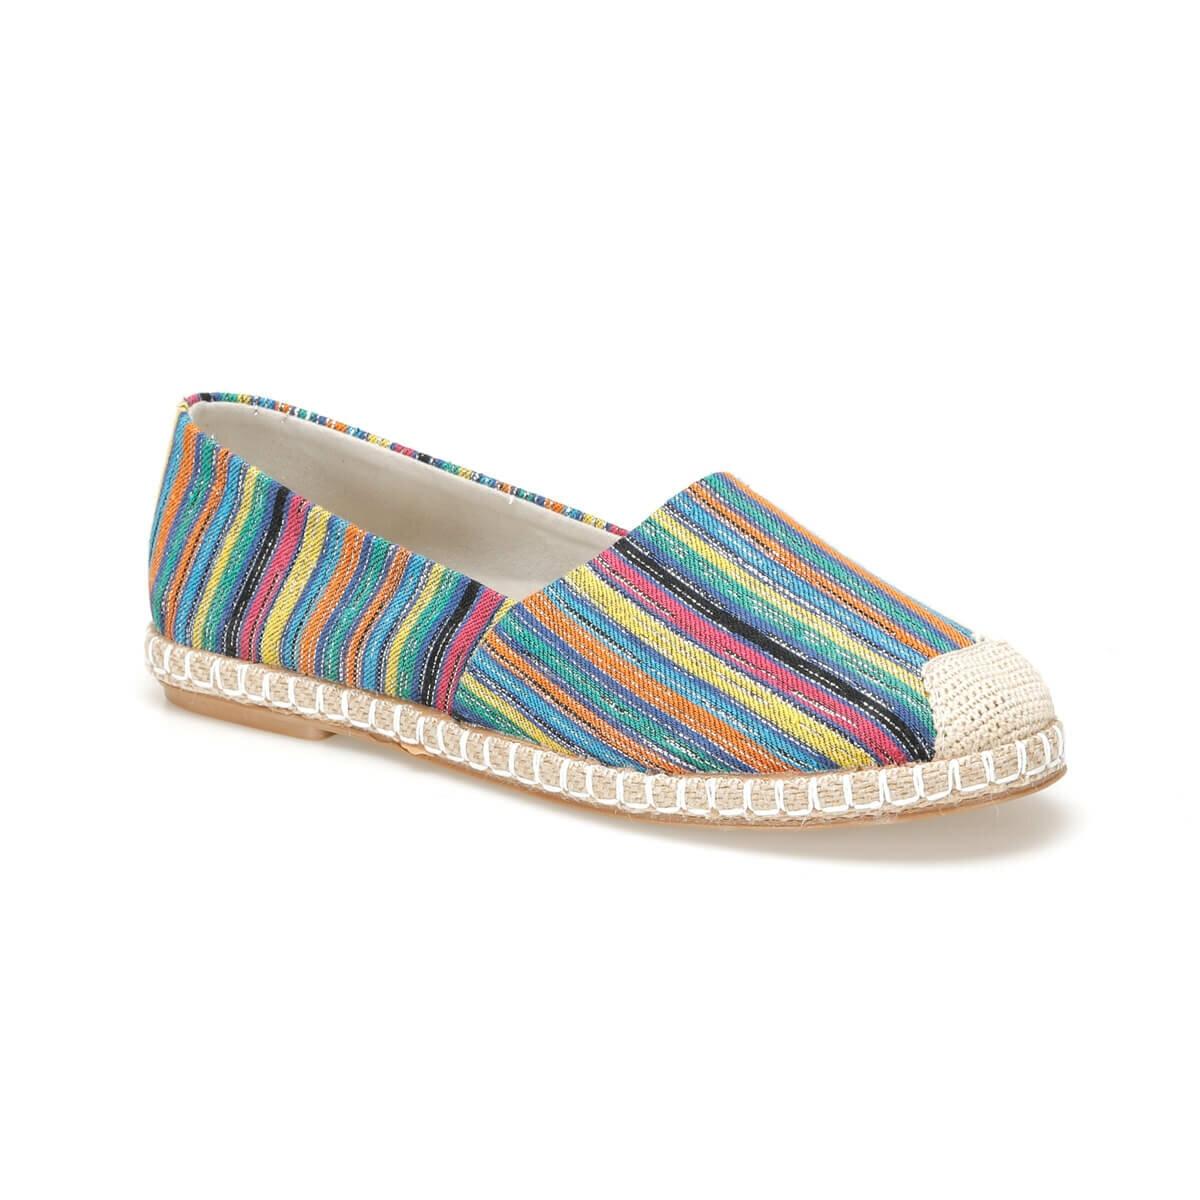 Flo multicor sapatos femininos sapatos de plataforma das senhoras mocassins casuais sapatos florais sapatos femininos zapatos de mujer sapatos femininos espadril butigo okocha98z